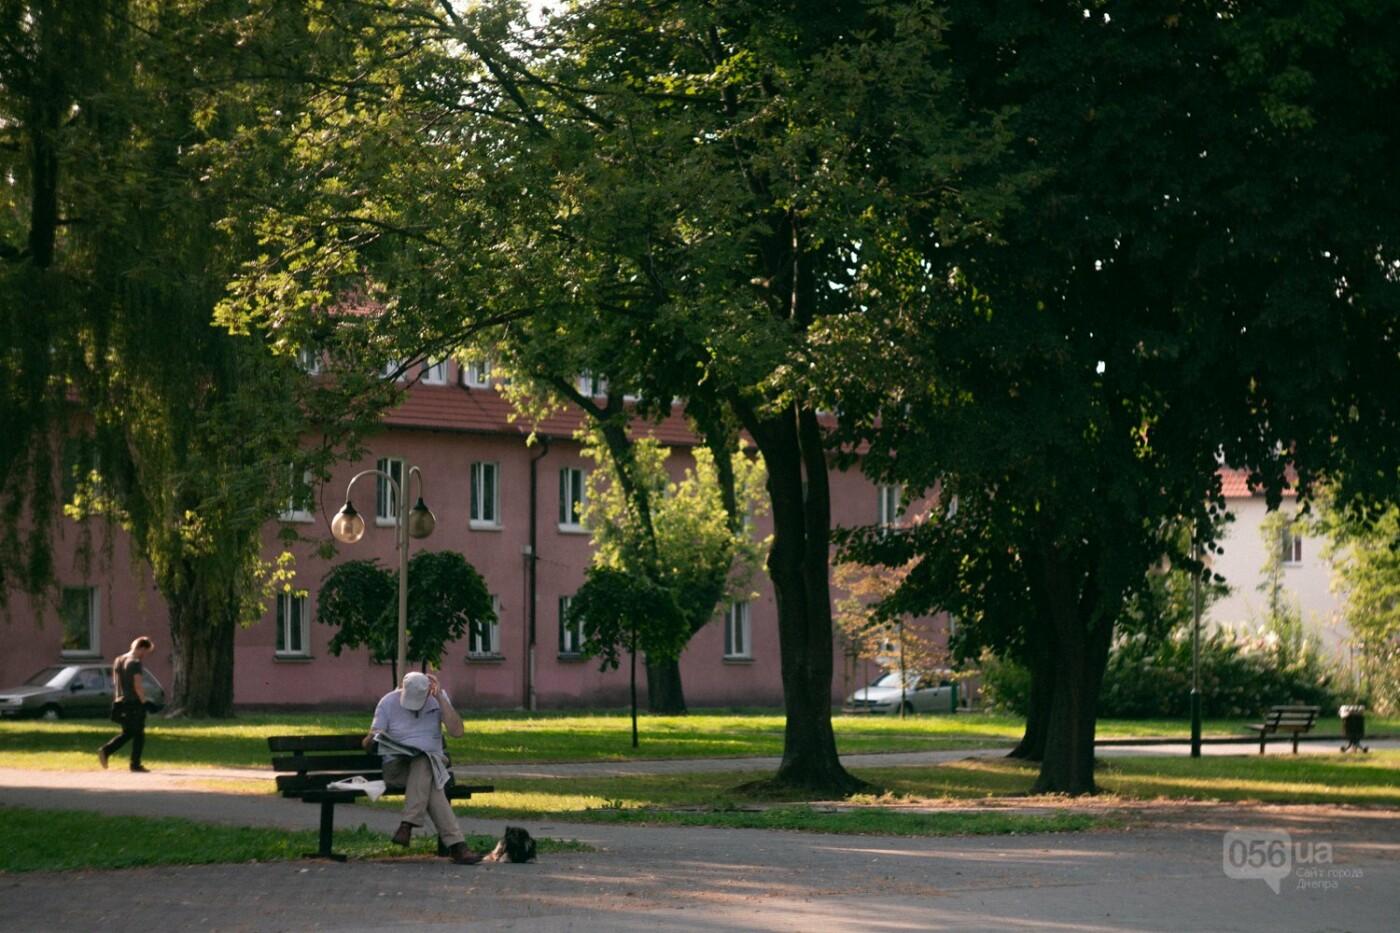 Приехать в Польшу и влюбиться, часть 1: мини-гайд по Кракову о жилье, транспорте и развлечениях, и экскурсия в Аушвиц-Биркенау , - ФОТО, фото-40